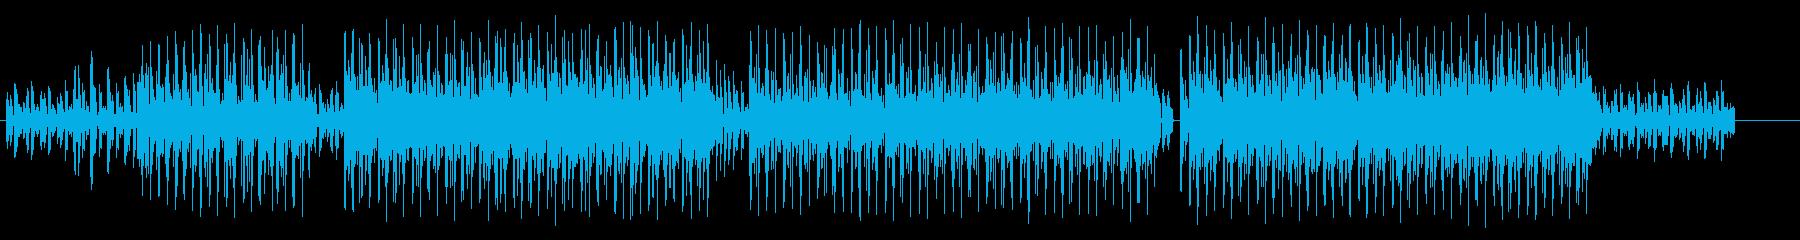 トリップする幻想的なクラブ系テクノハウスの再生済みの波形